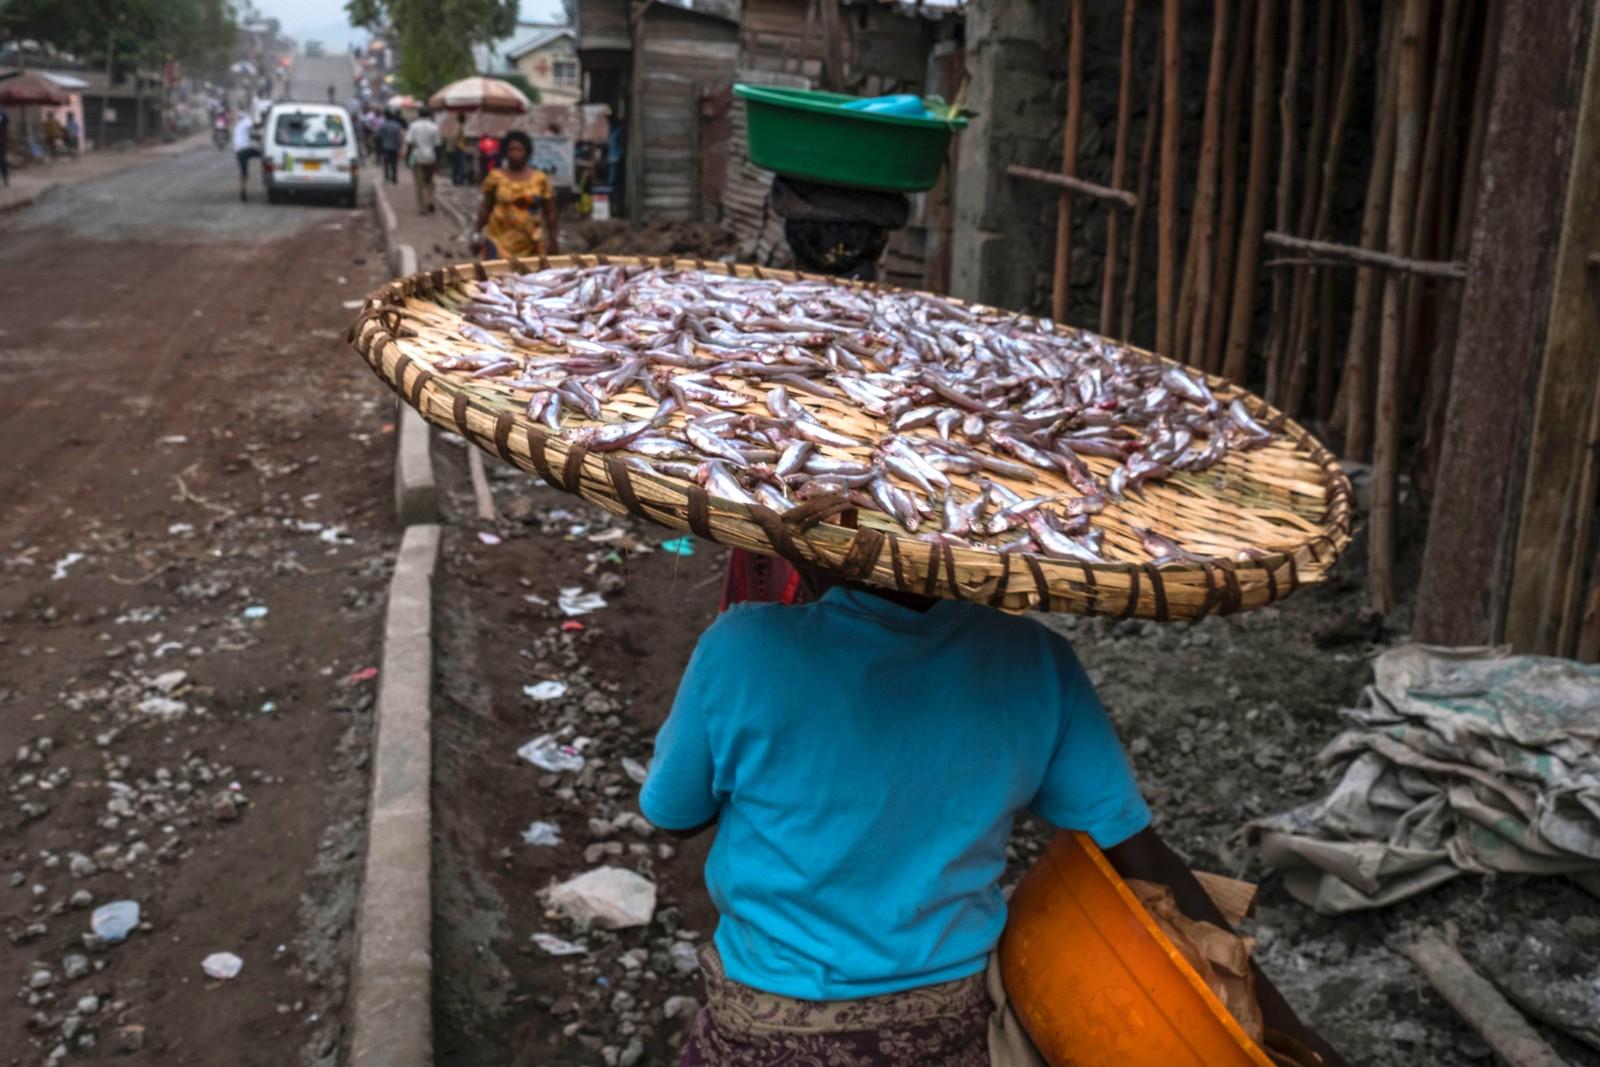 En kvinne frakter fisk gjennom gatene i Goma i Kongo den 12. juli. Det bor omtrent en million mennesker i byen som ligger ved Kivusjøen.